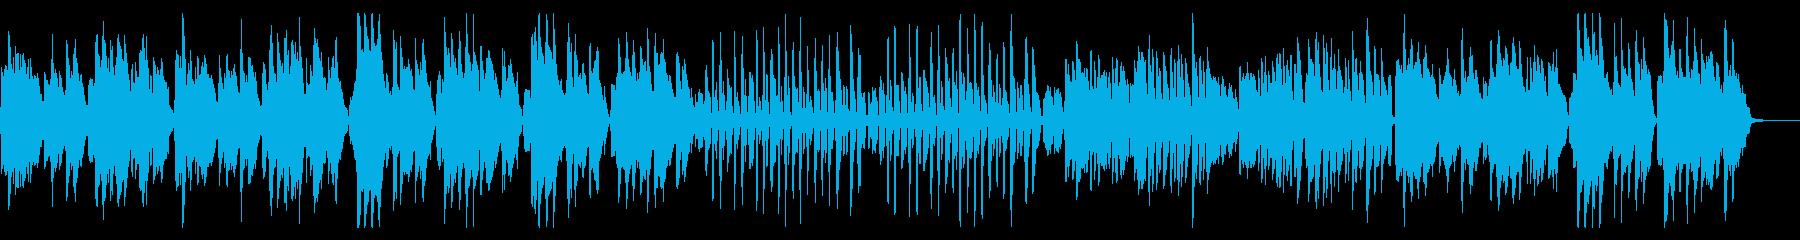 ベートーヴェン/メヌエット/へたっぴの再生済みの波形